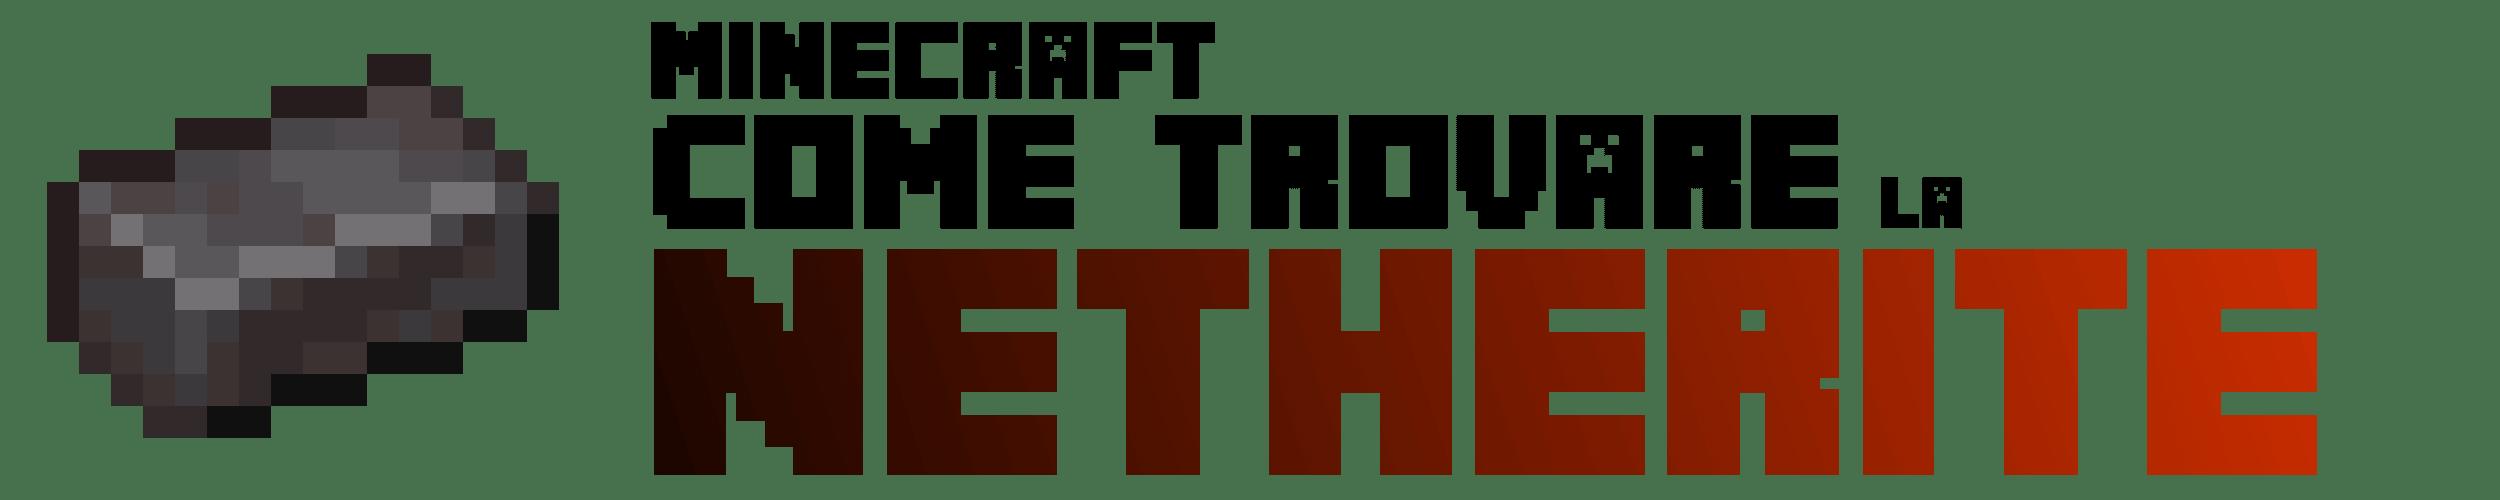 Benvenuti in questa guida del sito! Oggi parliamo di un minerale nuovo e potentissimo di Minecraft: ecco Come Trovare la Netherite!